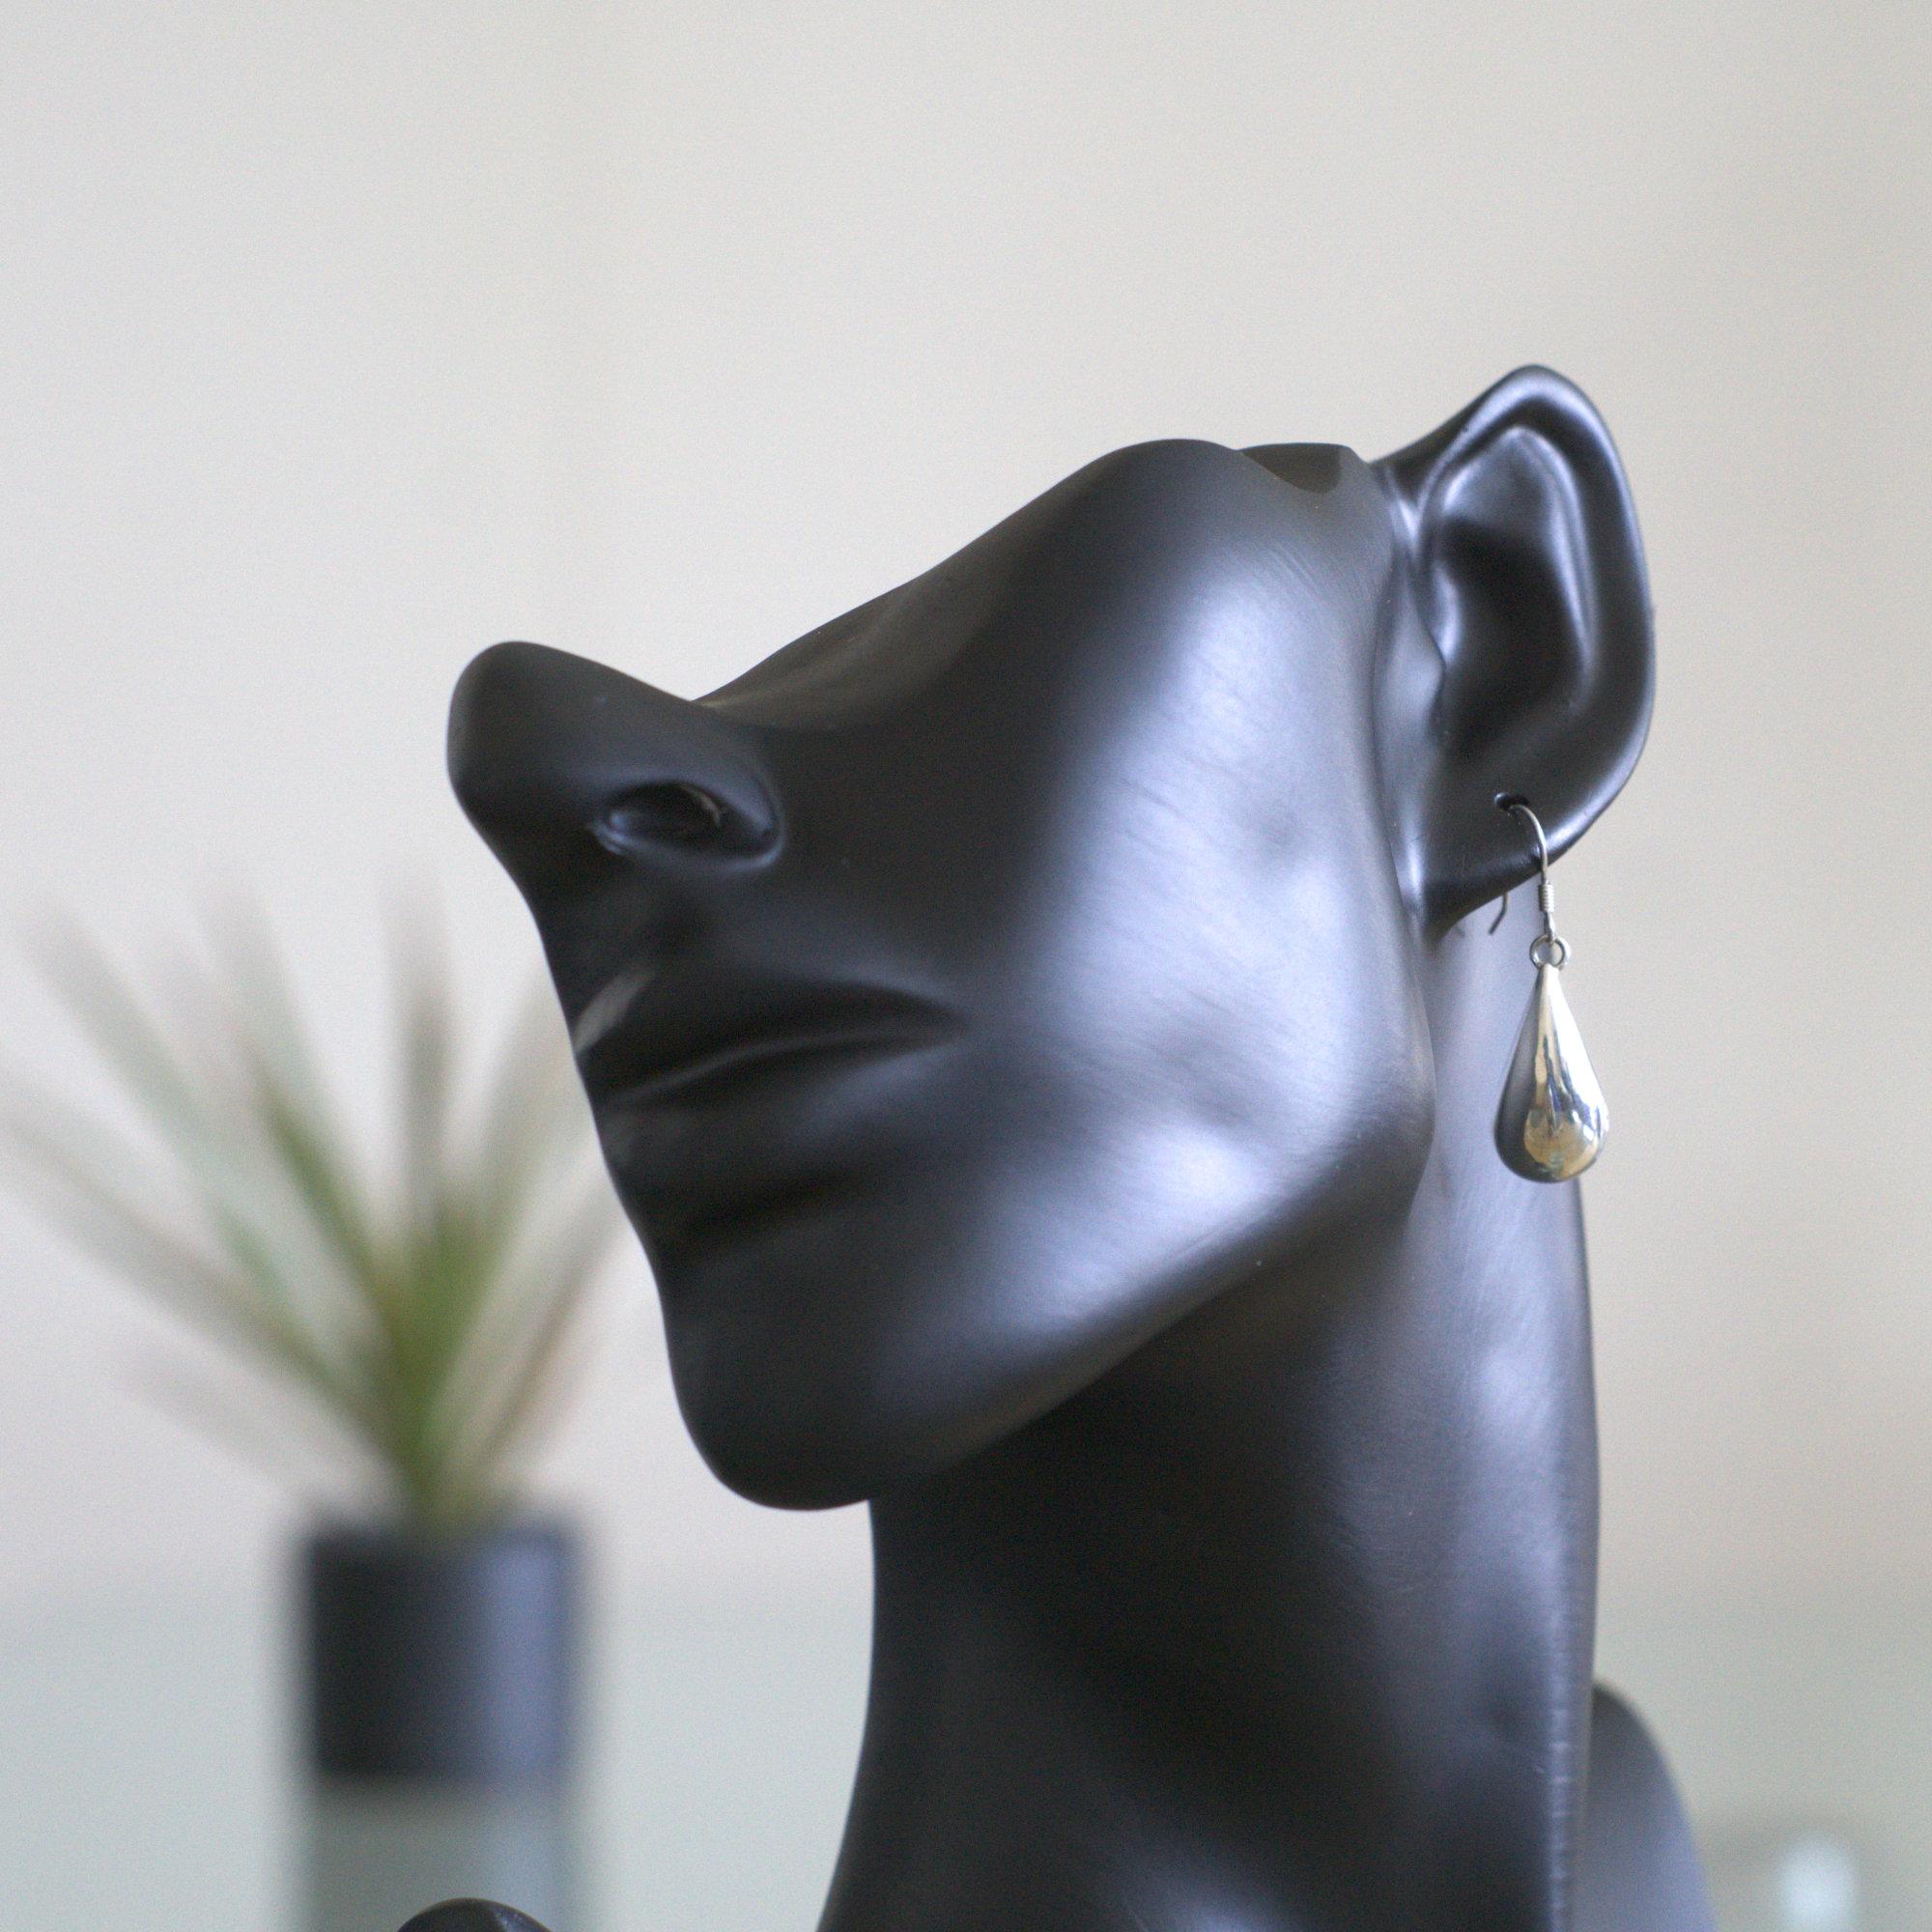 Droppe: Örnhänge med droppe form gjorda av sterling silver och glansig finish.